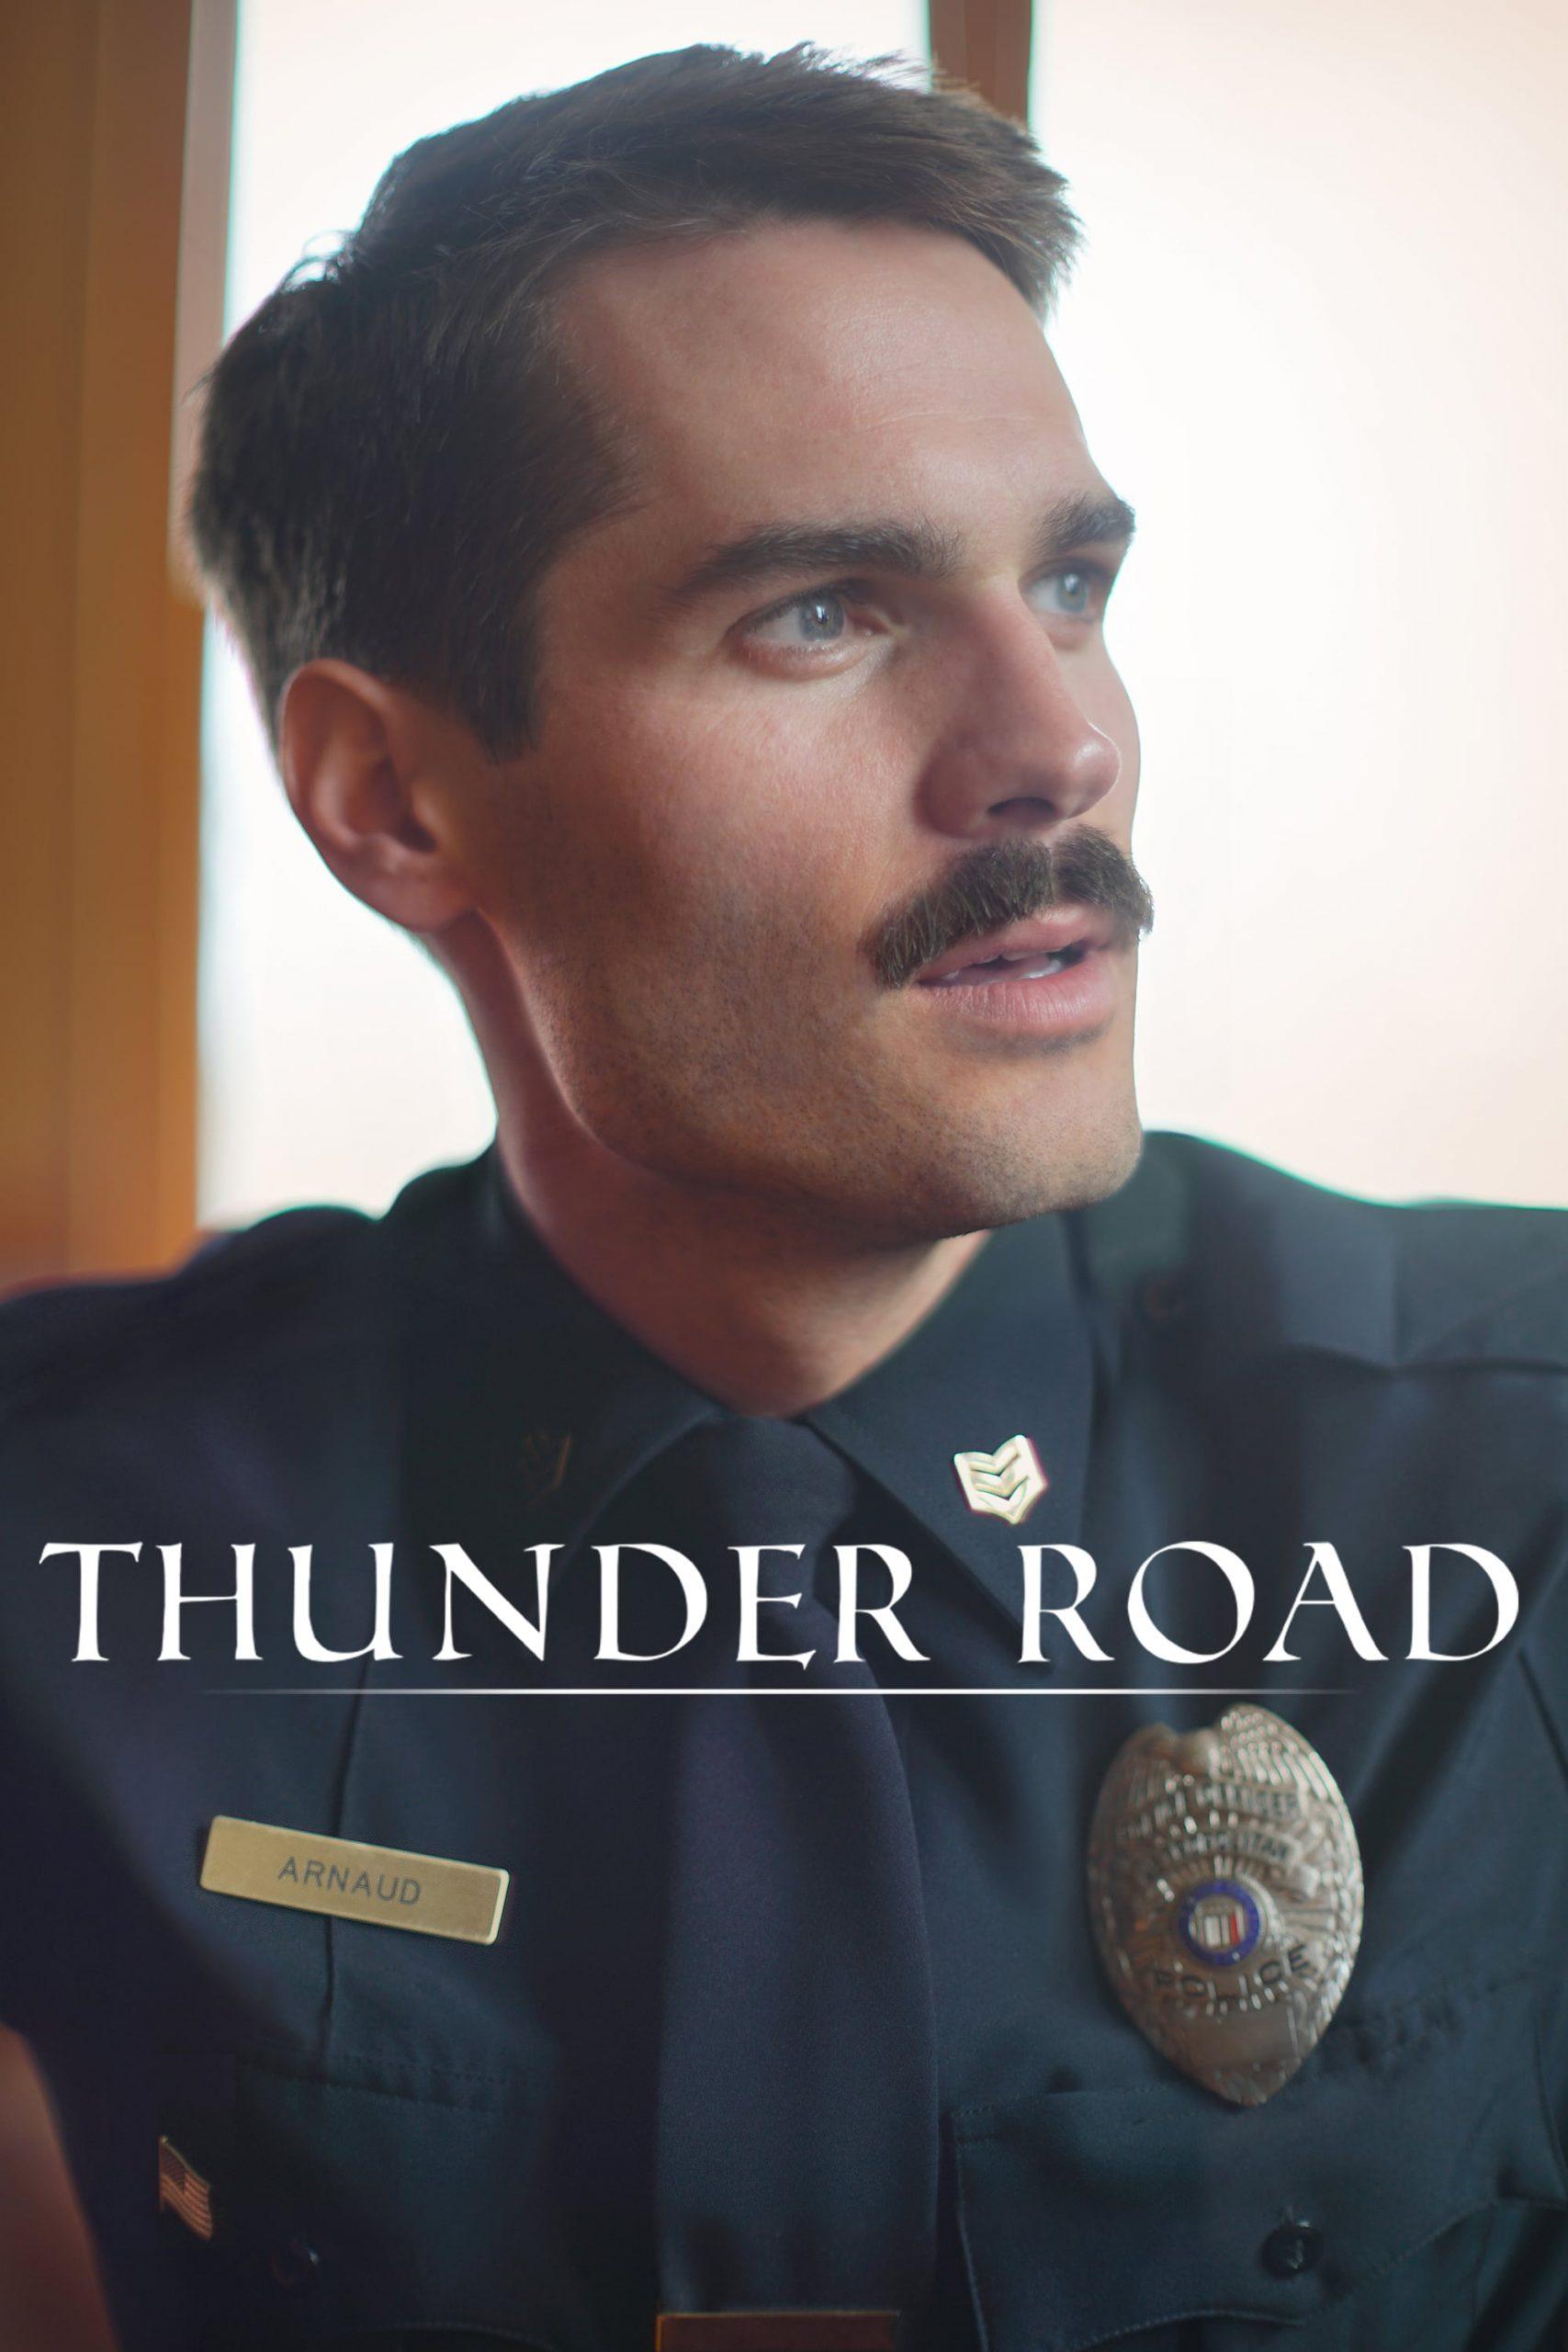 دانلود فیلم Thunder Road 2018 با دوبله فارسی